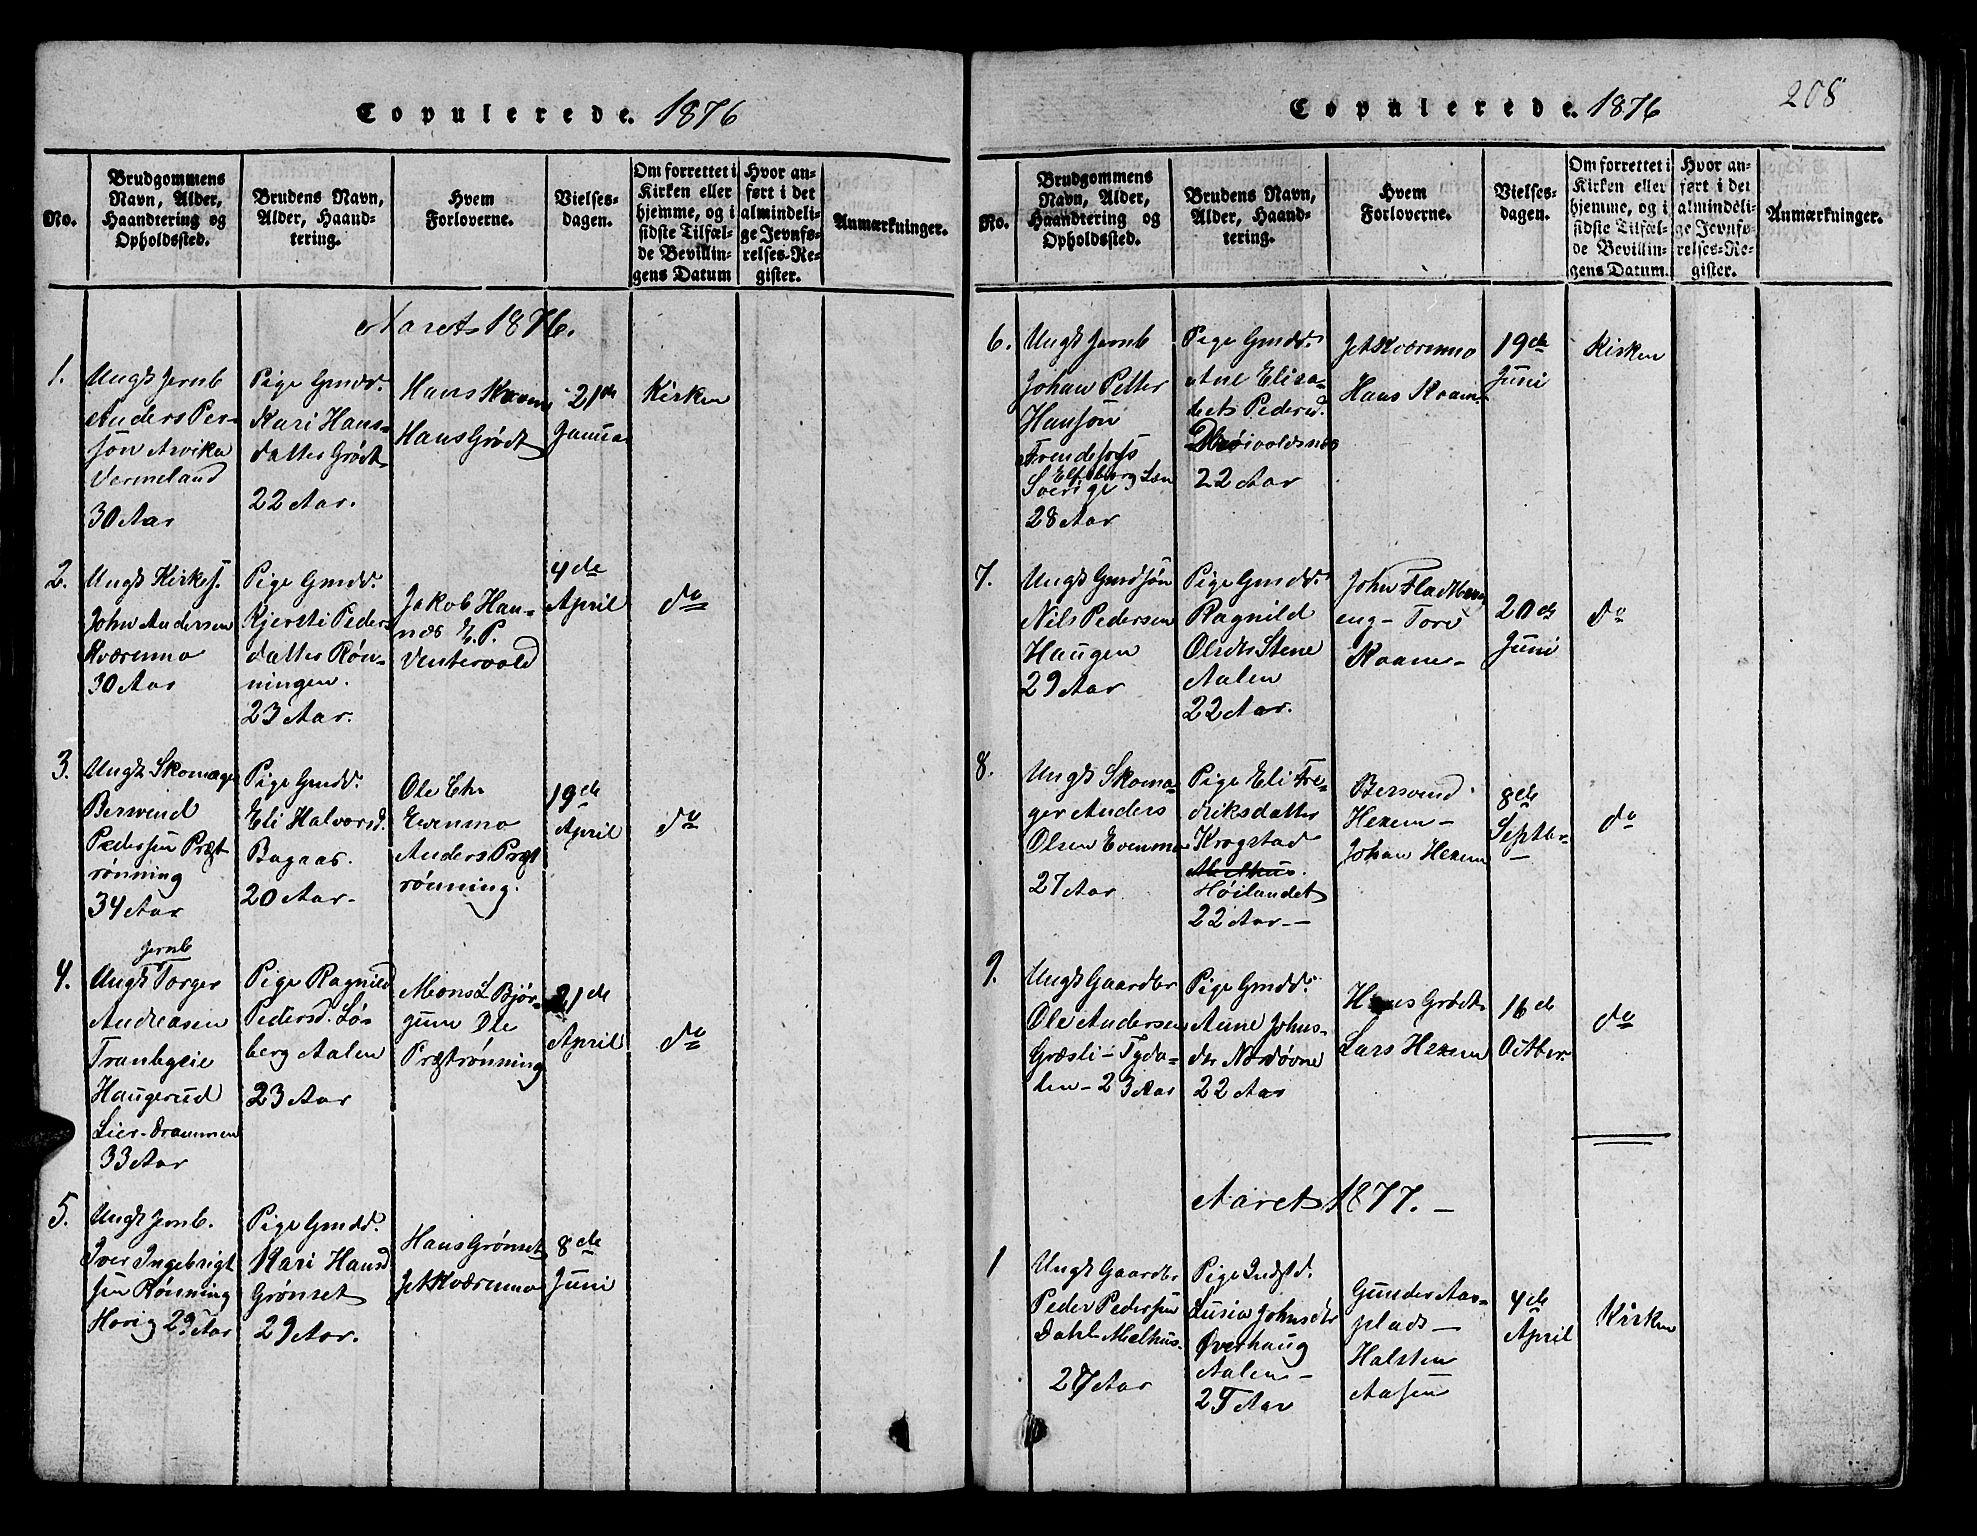 SAT, Ministerialprotokoller, klokkerbøker og fødselsregistre - Sør-Trøndelag, 685/L0976: Klokkerbok nr. 685C01, 1817-1878, s. 208